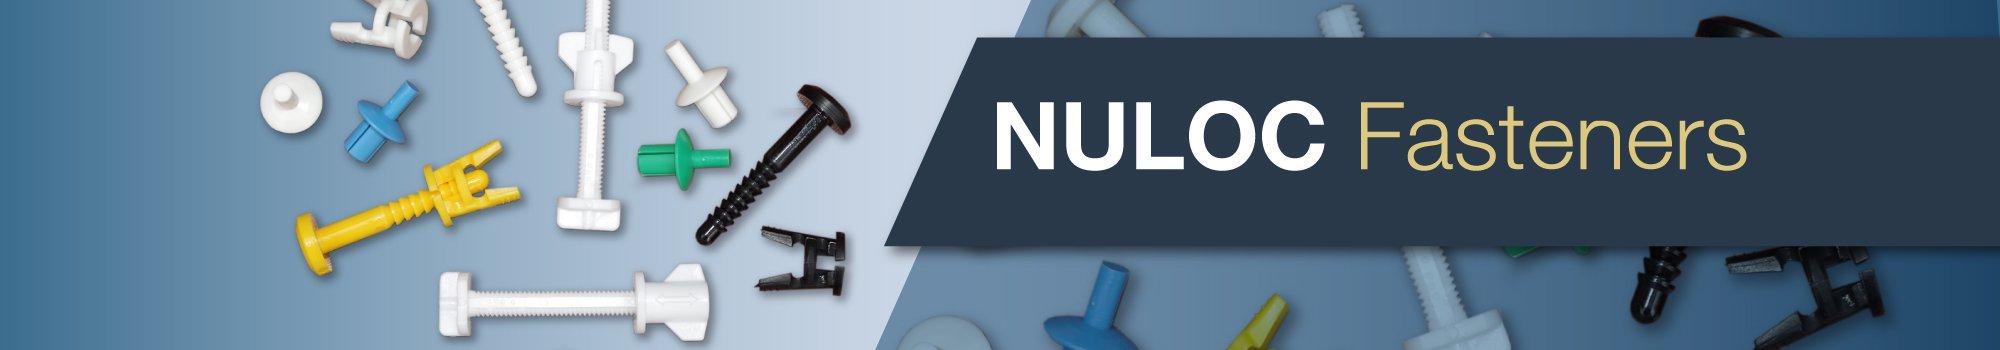 Nuloc Fasteners-Designovations